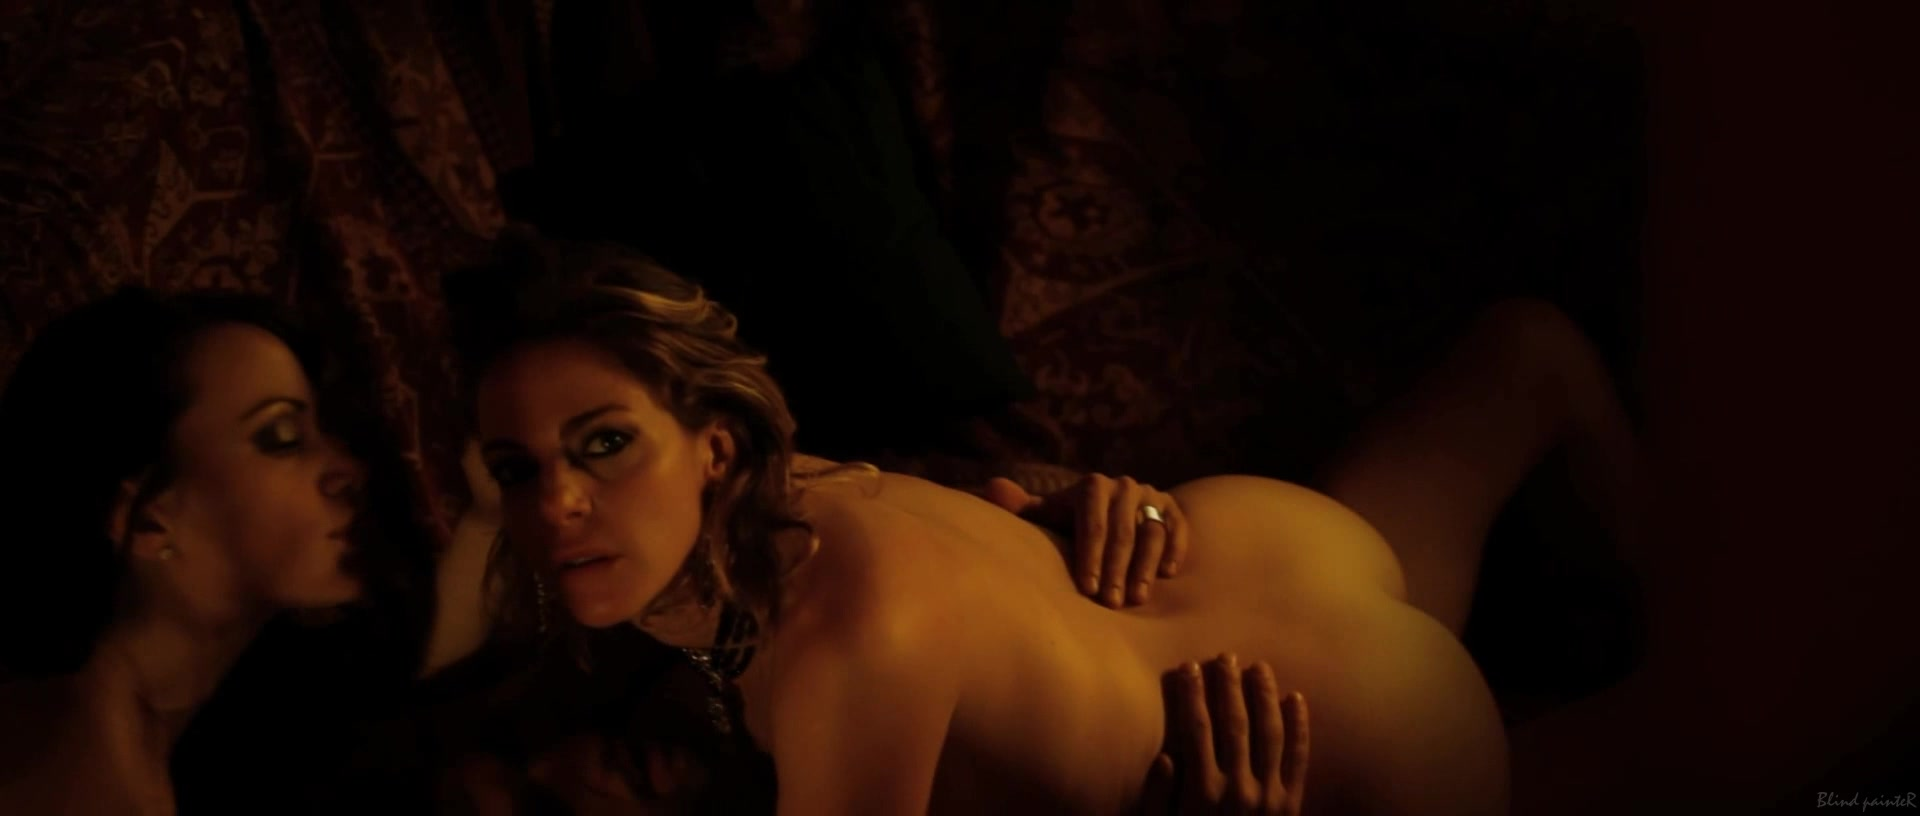 Actress claudia black nude